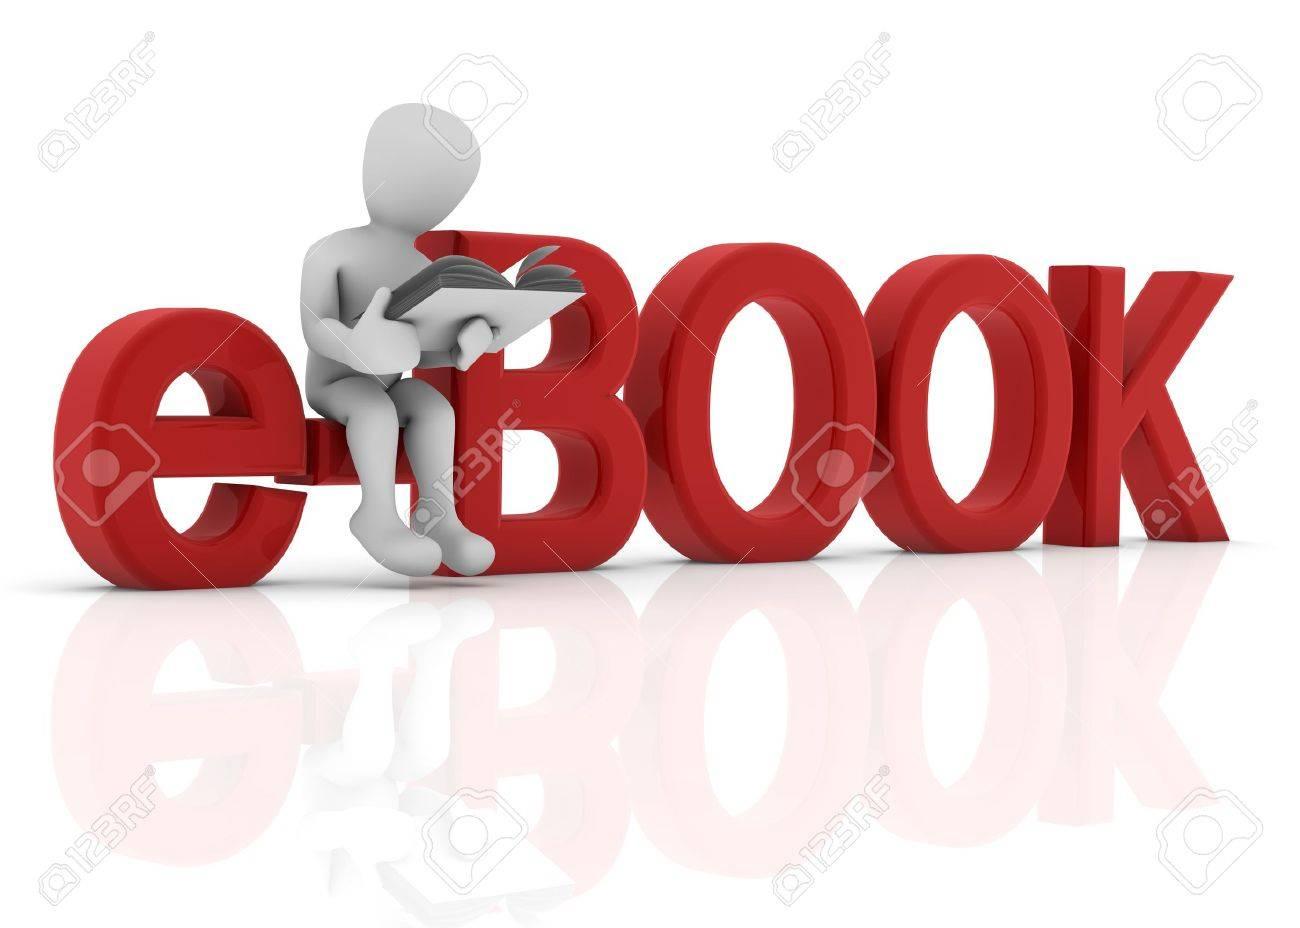 e-book Standard-Bild - 8402877